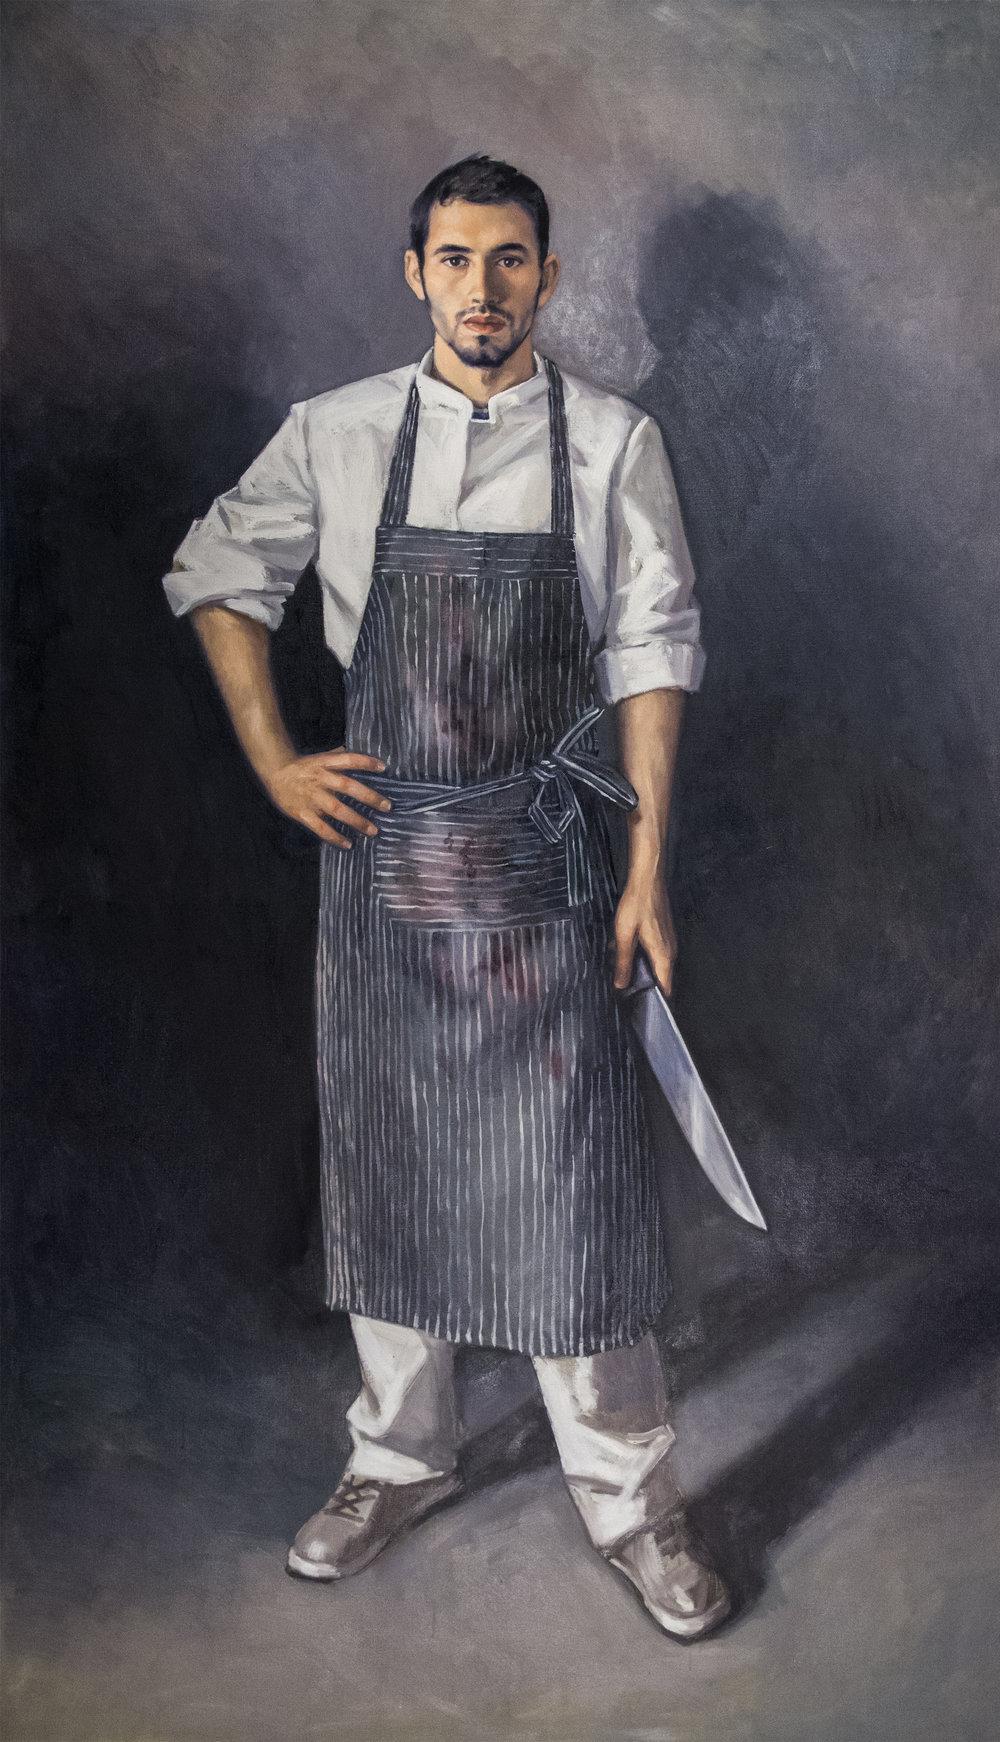 El Carnicero